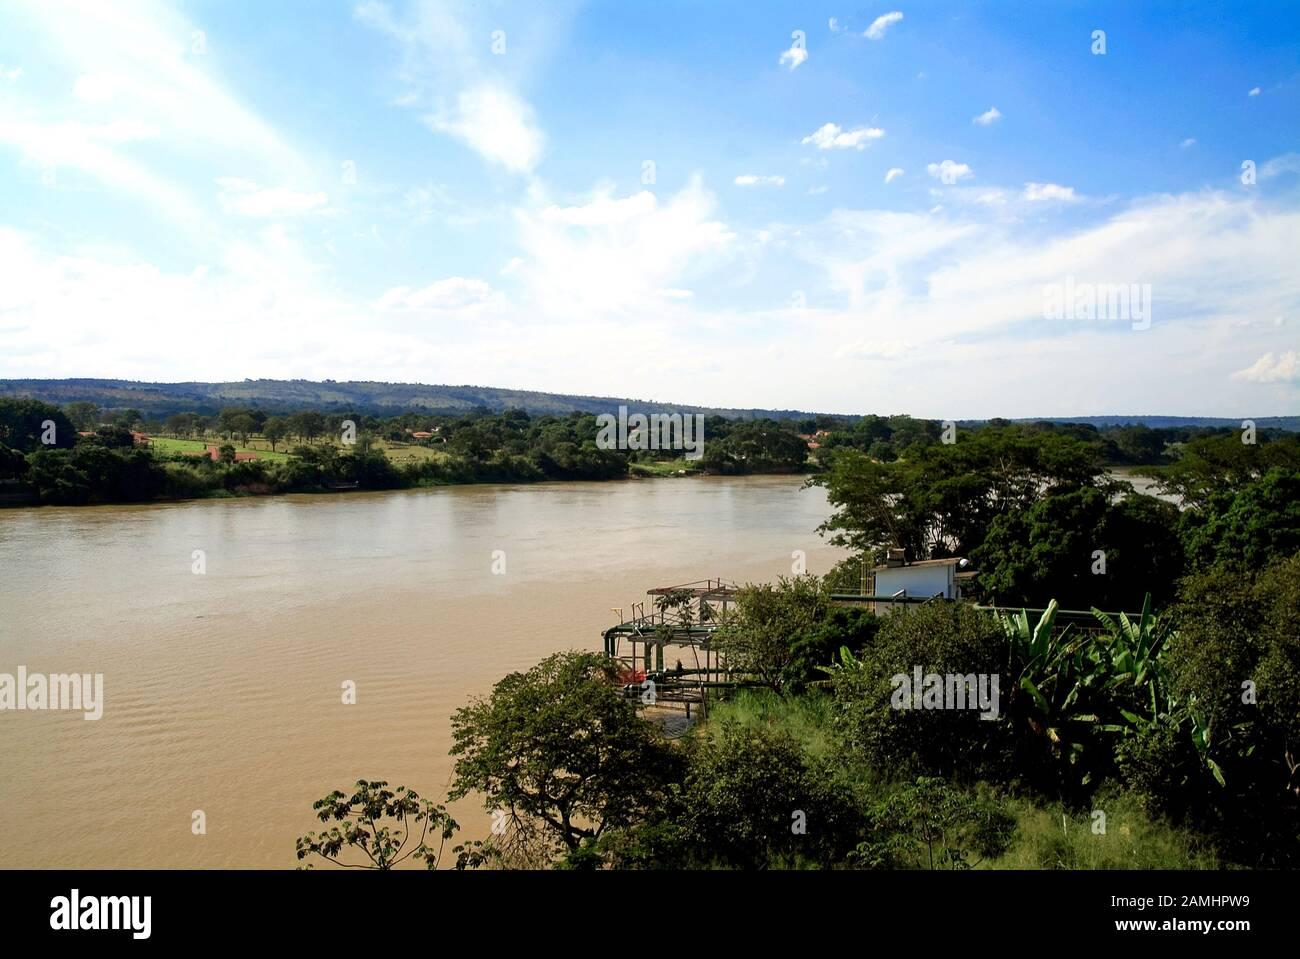 São Francisco River, Três Marias, Minas Gerais, Brazil Stock Photo